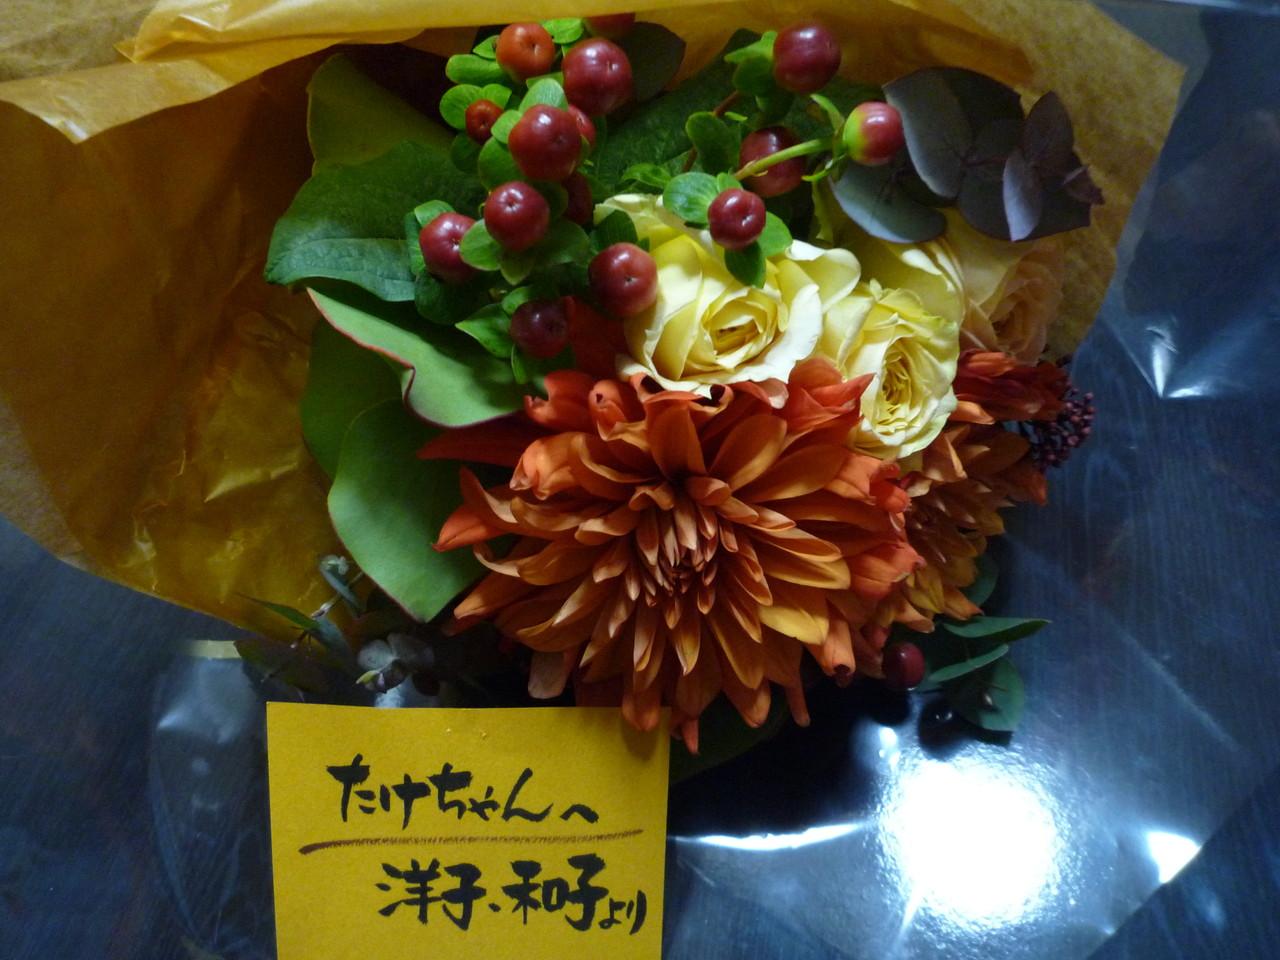 洋子さん、和子さん、素敵なお花をありがとうございました。